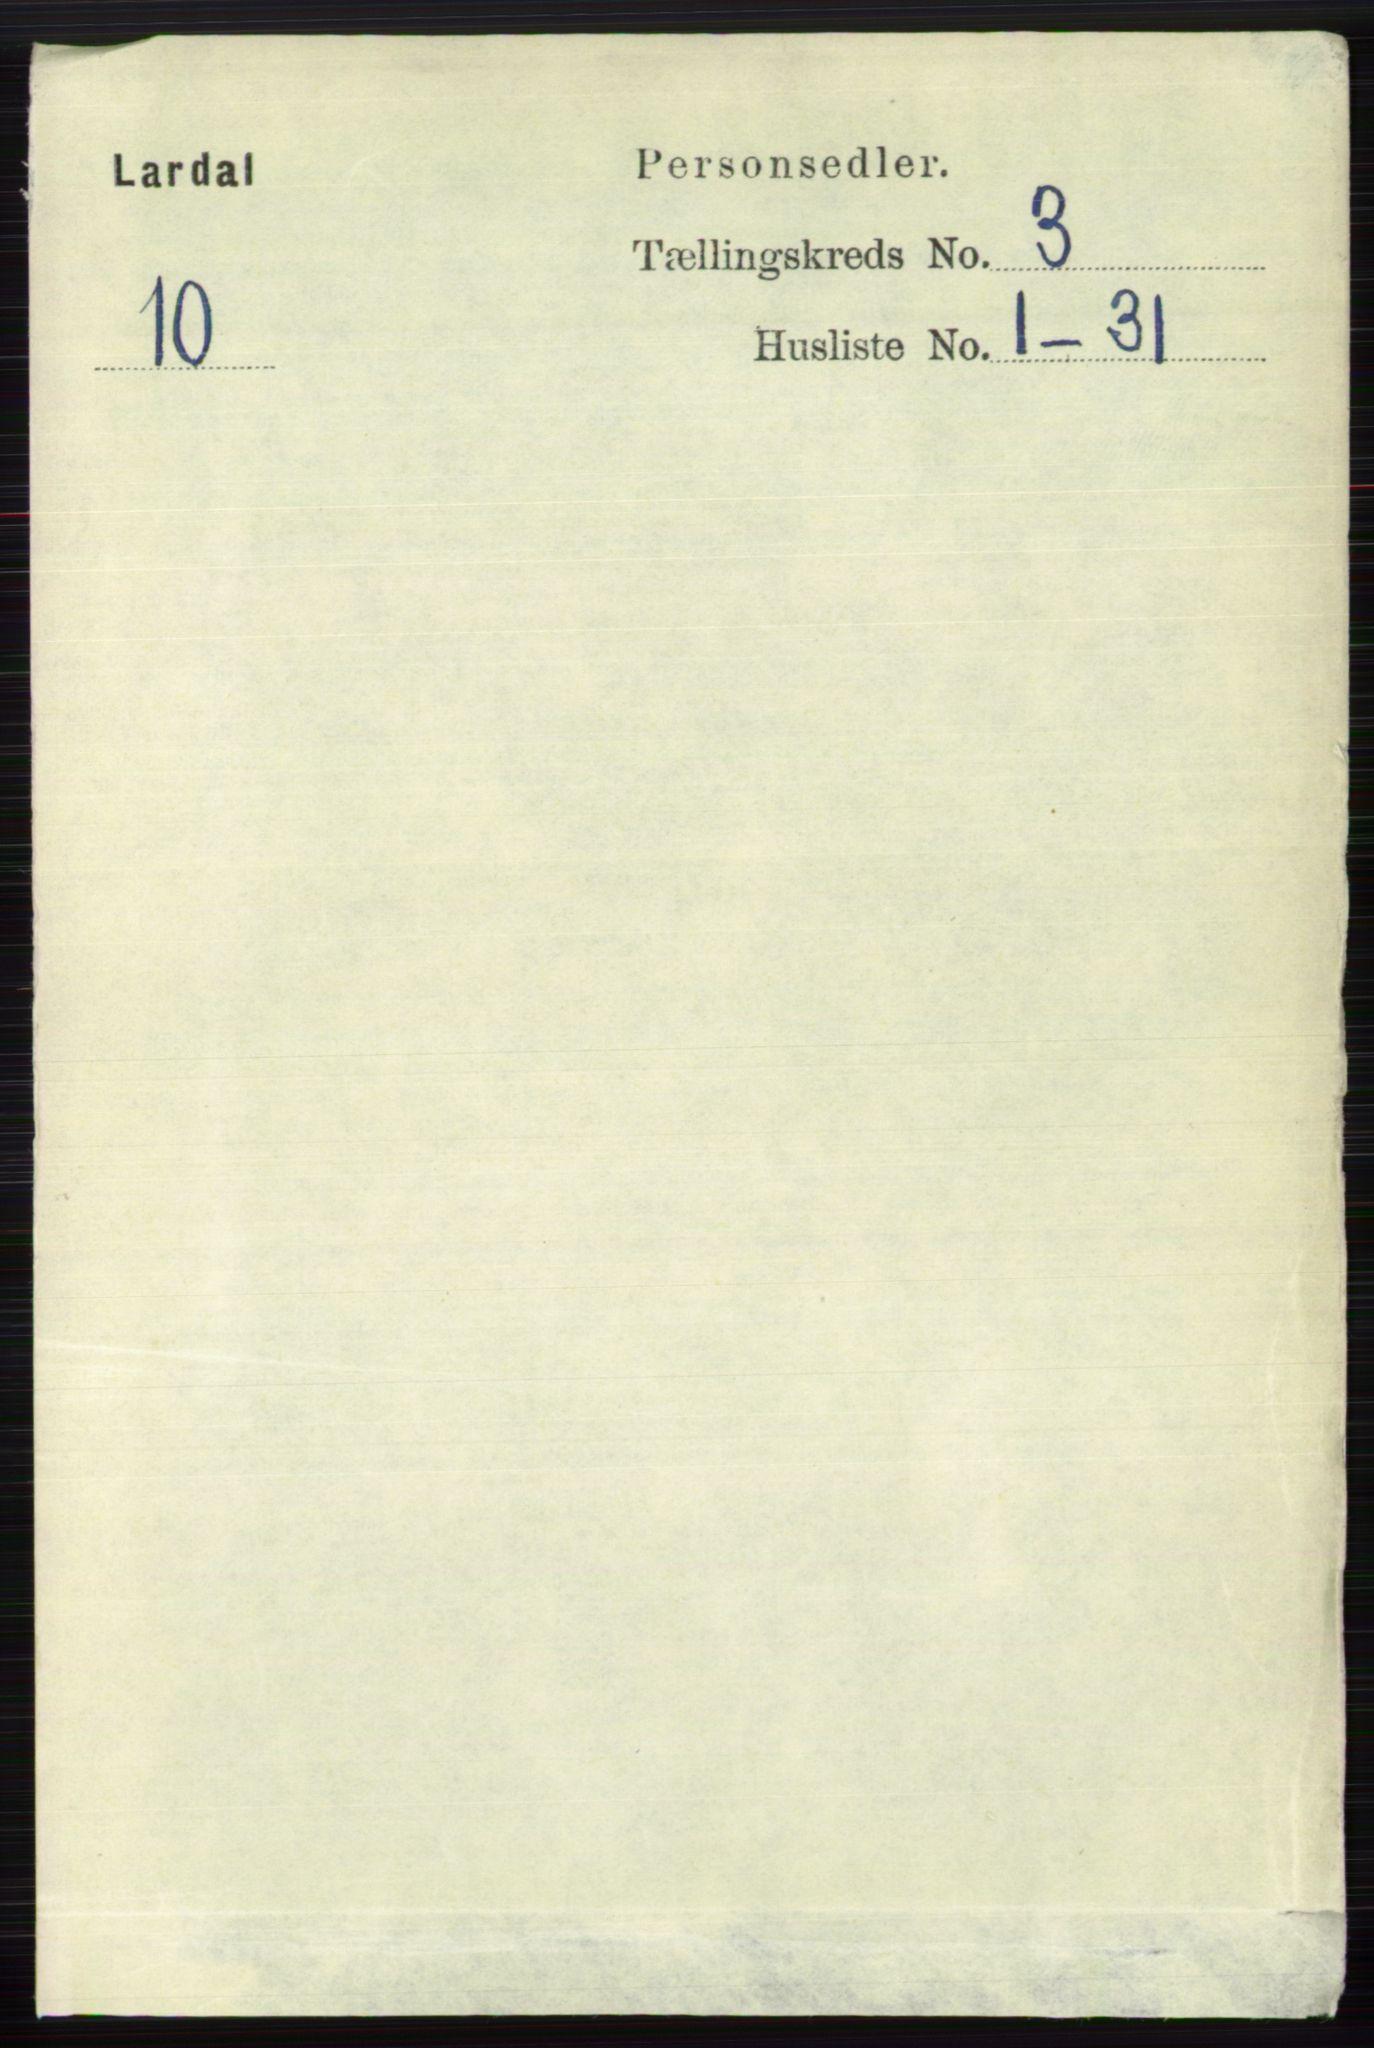 RA, Folketelling 1891 for 0728 Lardal herred, 1891, s. 1326